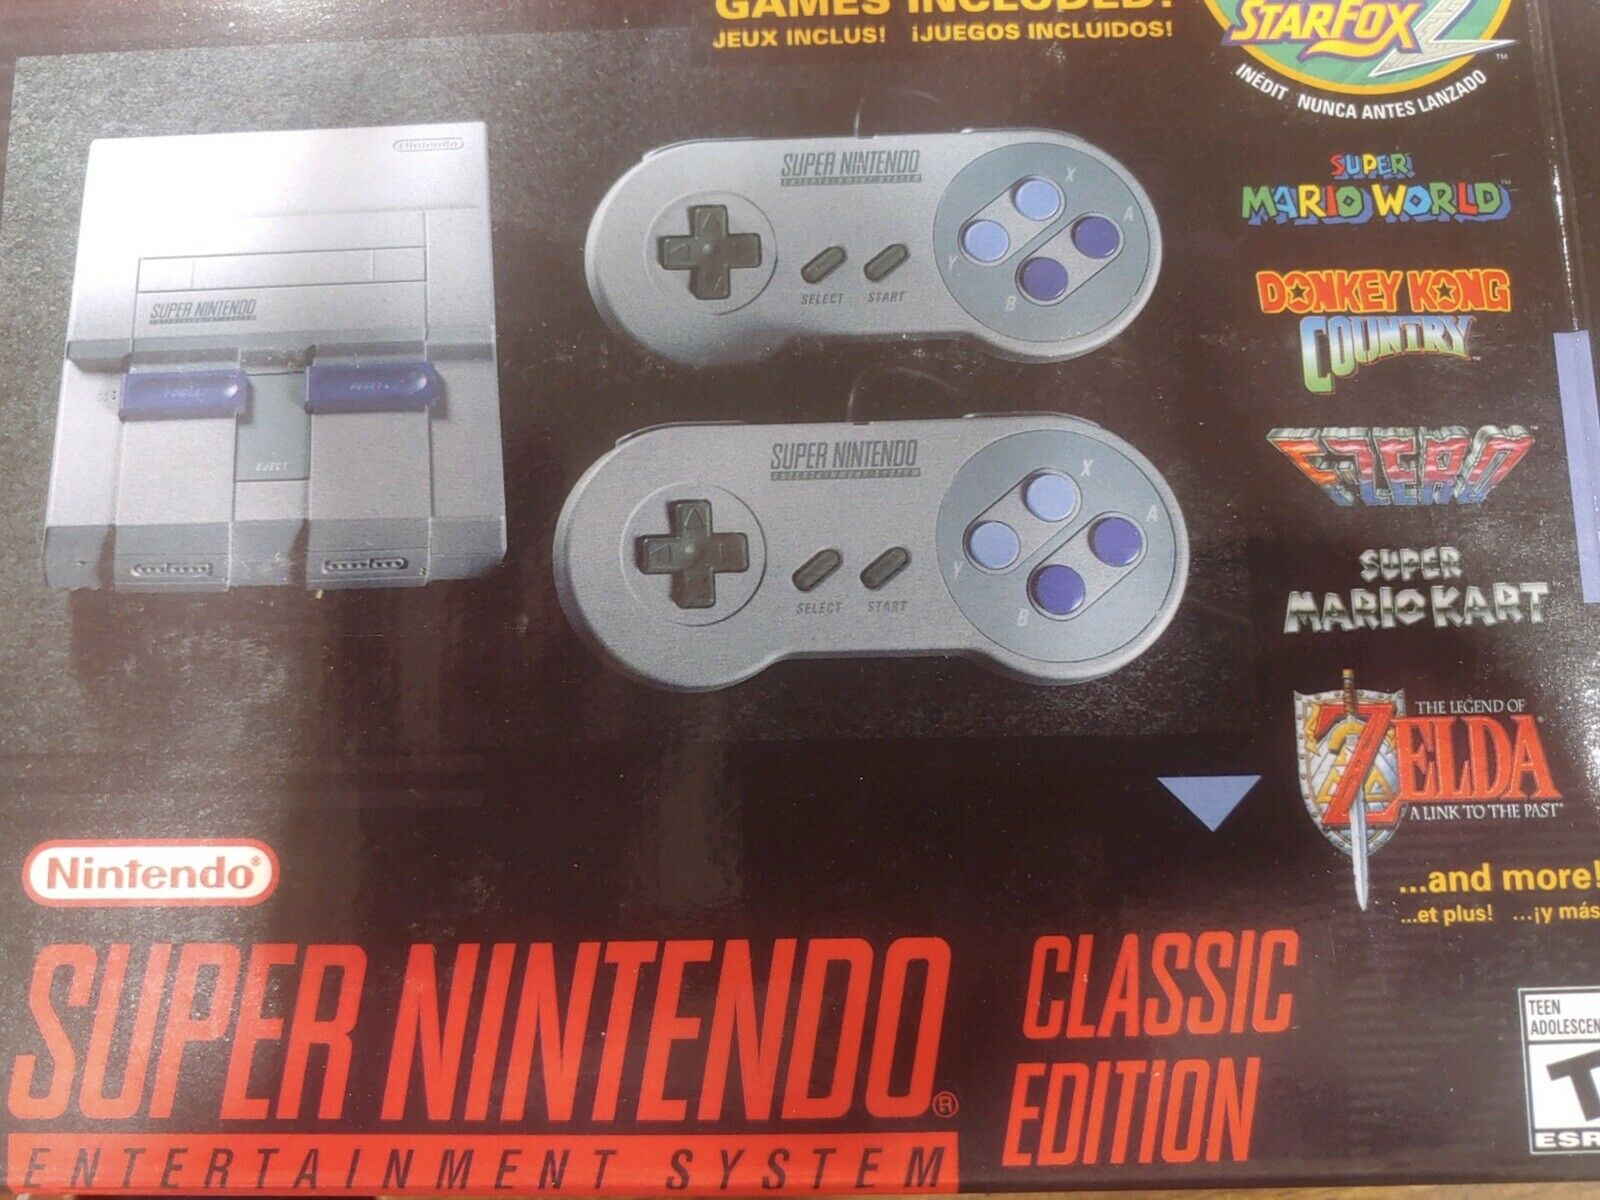 New Super Nintendo Mini Console Entertainment  NES Classic Edition 21 GAMESHDMI